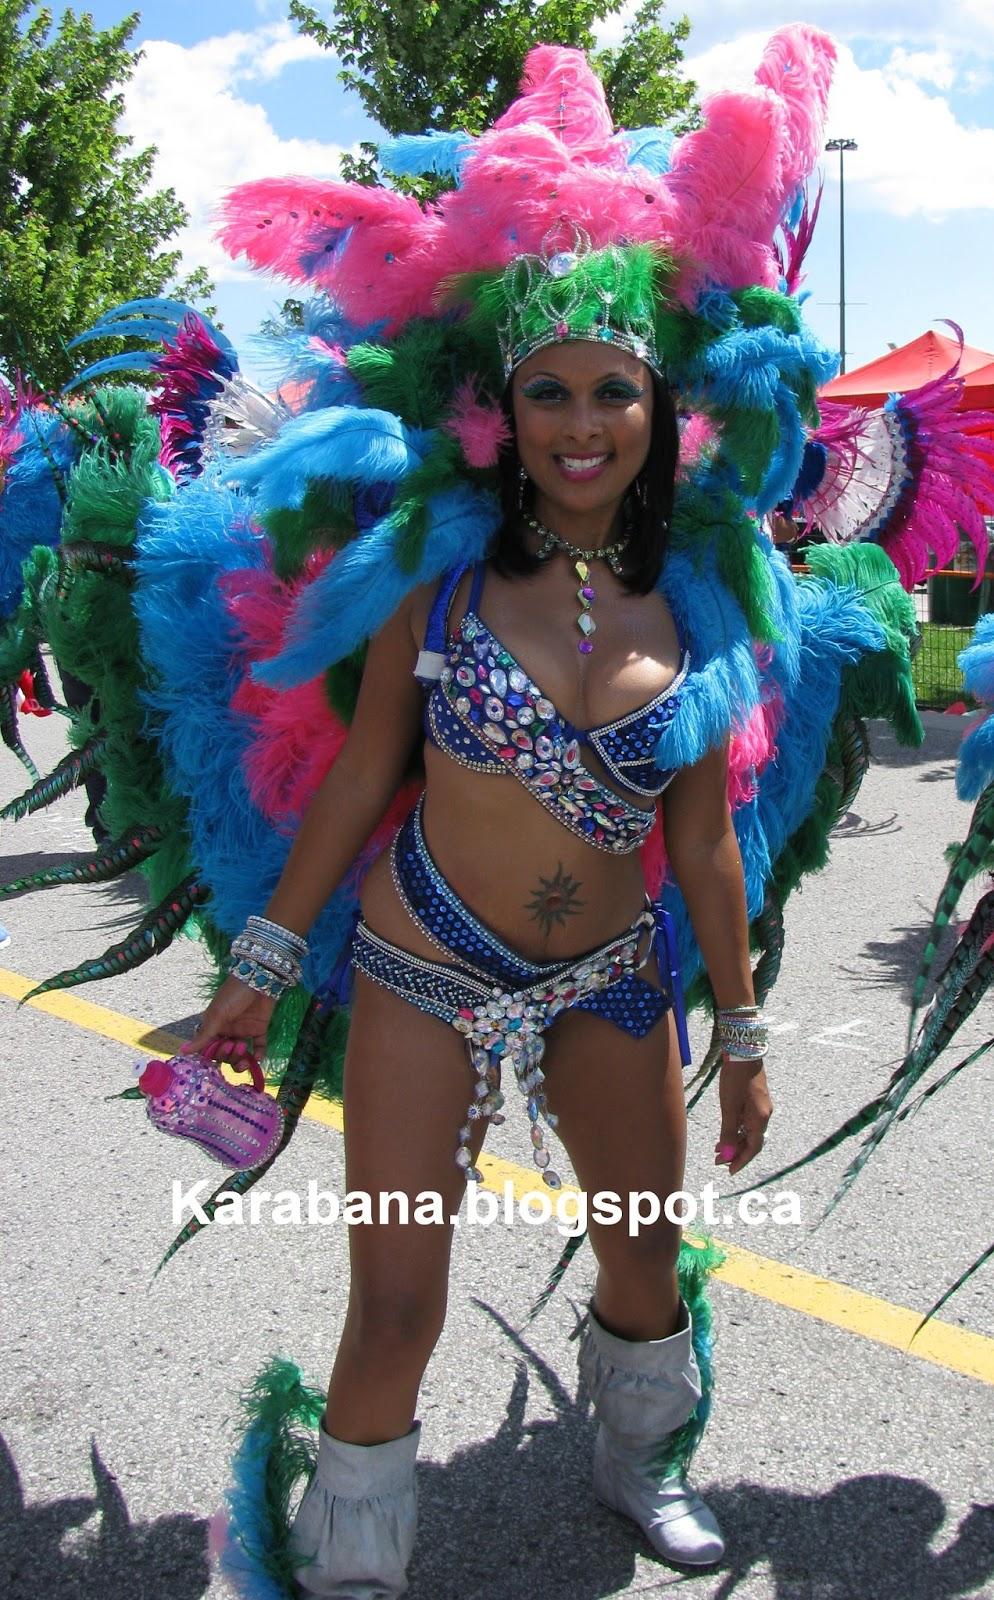 Karabana ~: Caribana 2013 - Part 1, photos